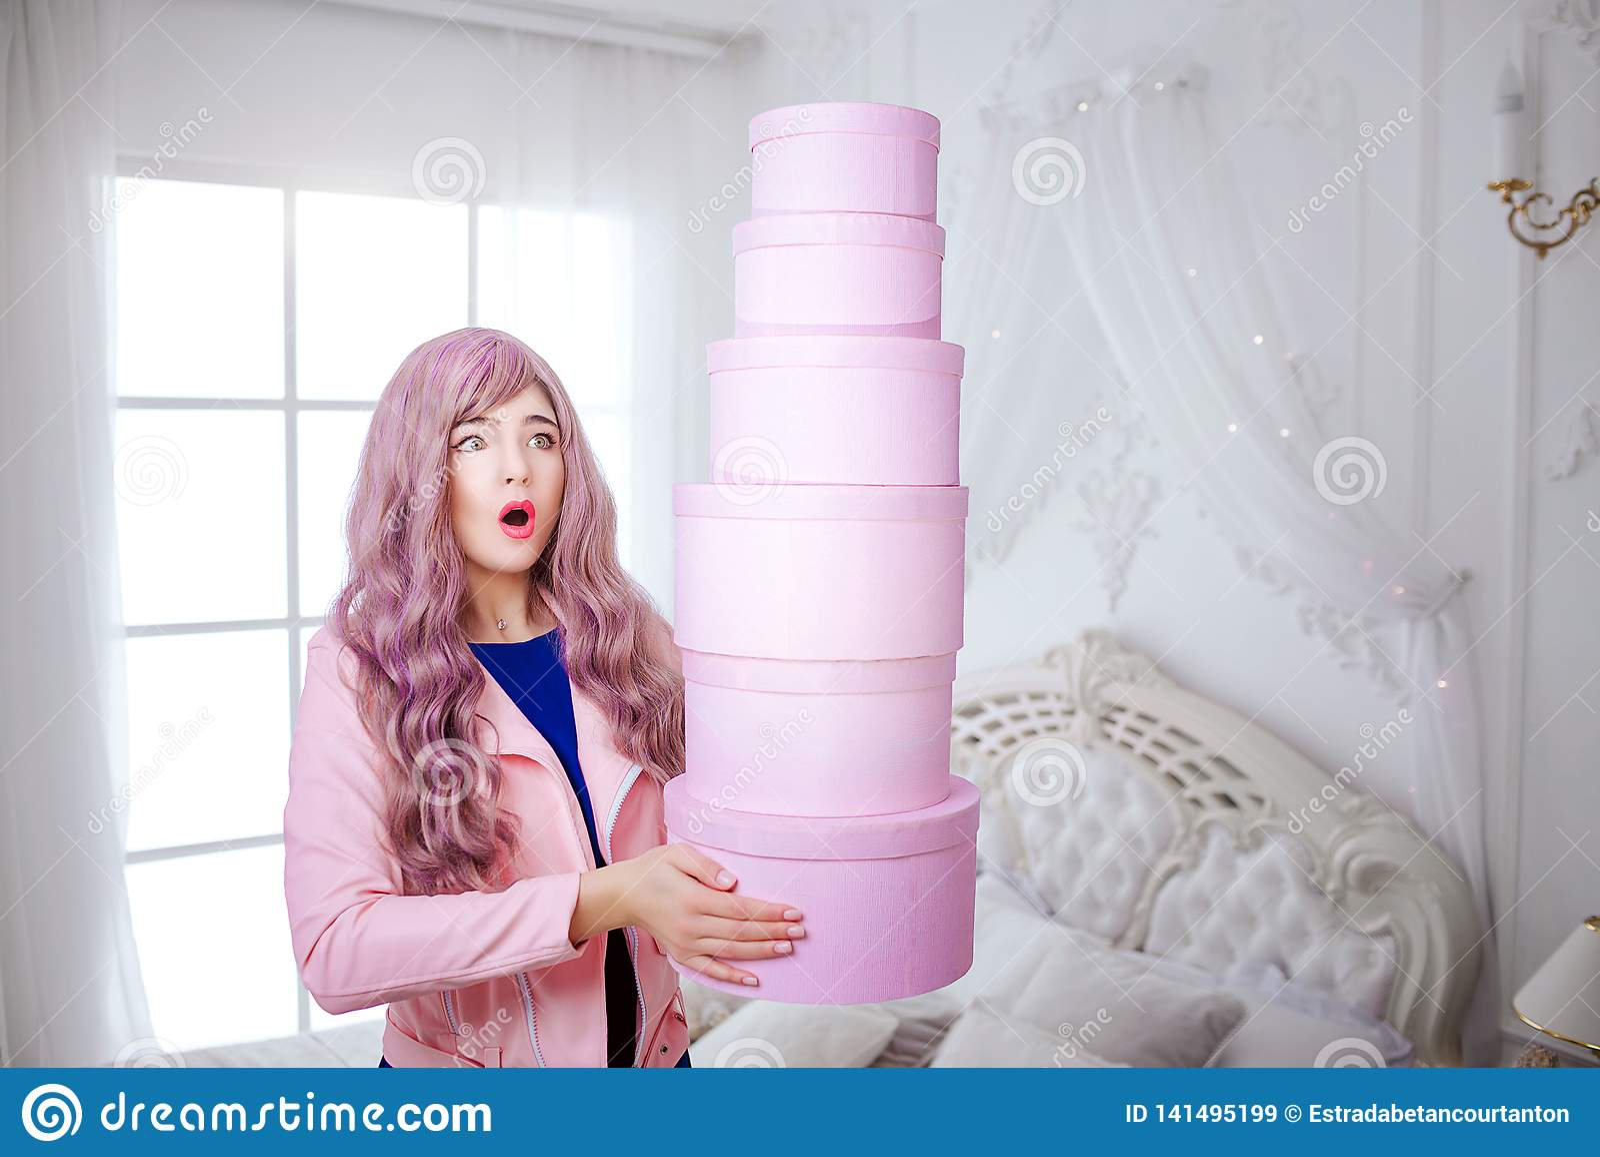 时兴的畸形人 有长的淡紫色头发的魅力情感美女拿着桃红色箱子,当站立在白色时